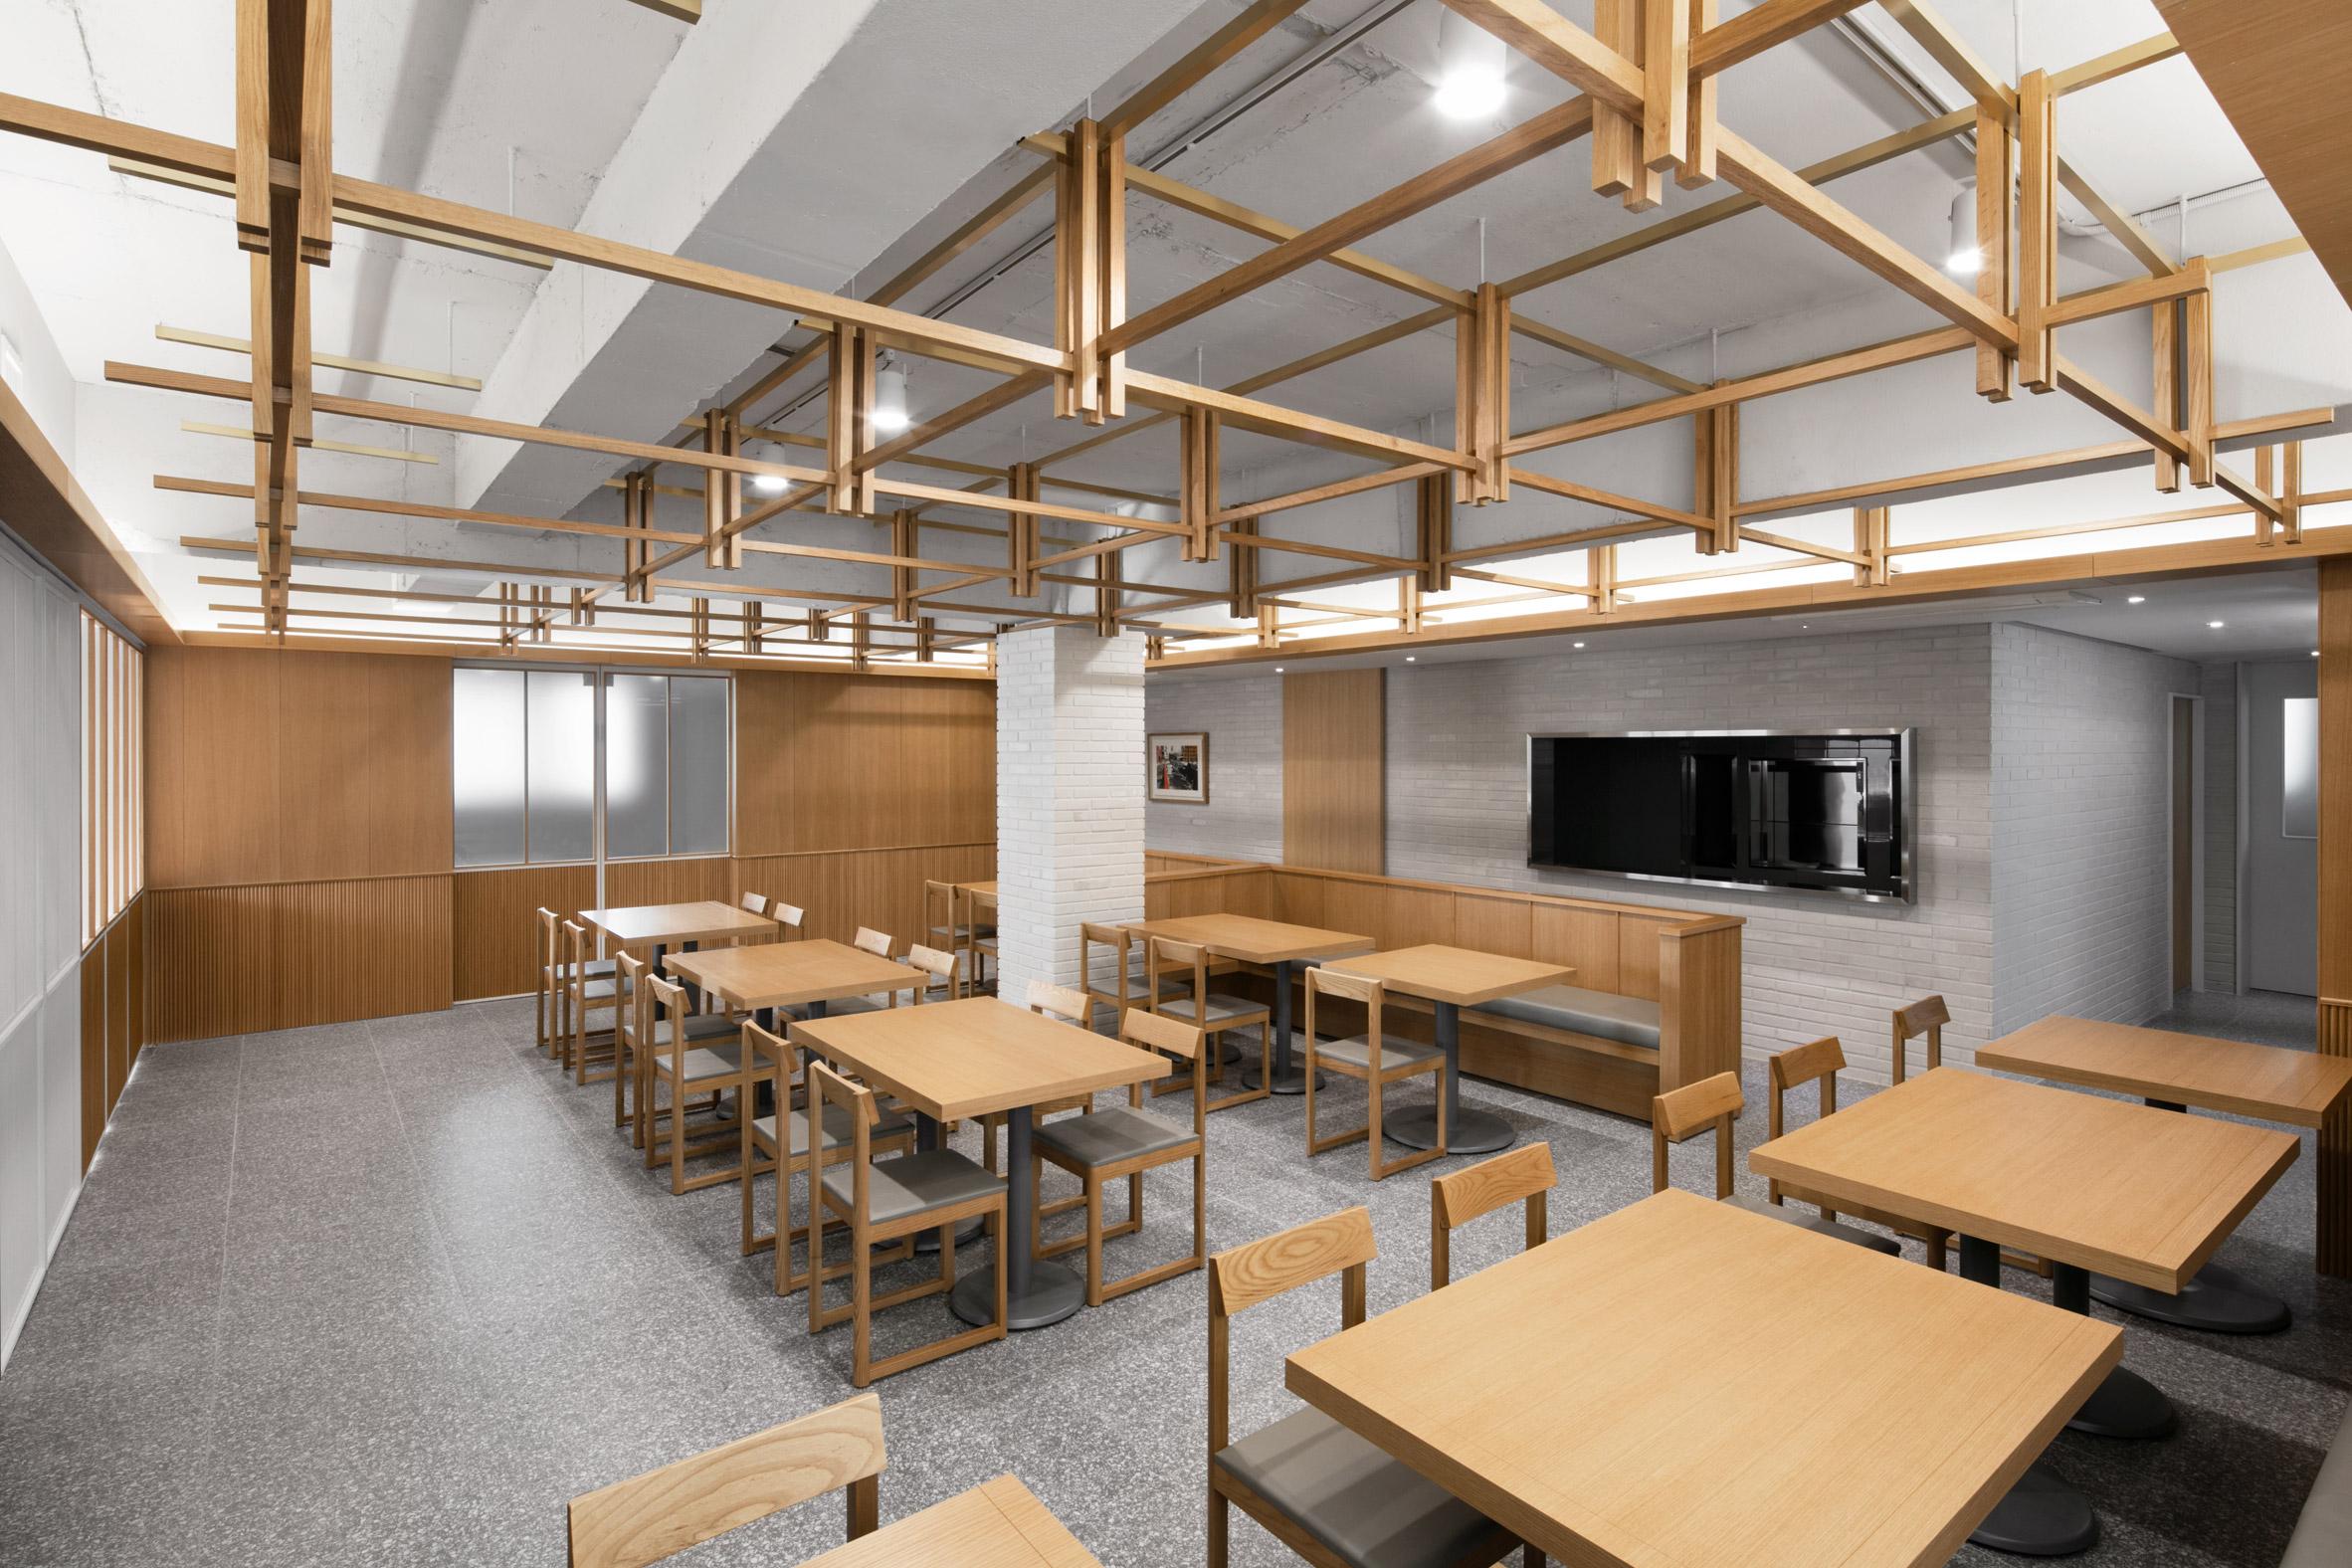 Thiết kế nội thất nhà hàng hàn quốc 1